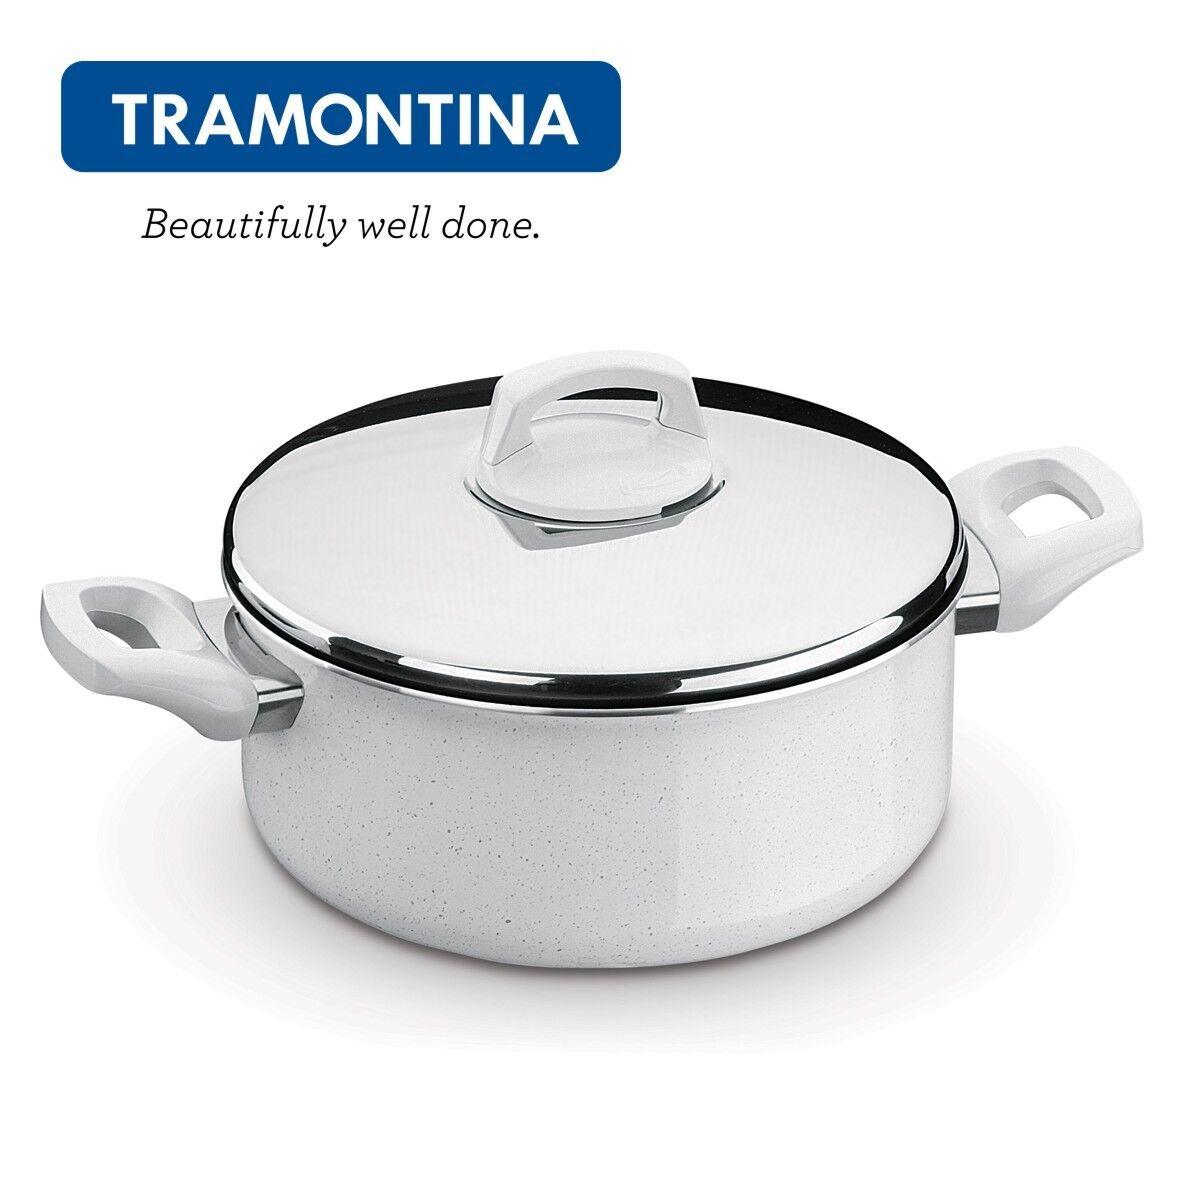 Tramontina Aluminium Antiadhésif casserole Casserole avec couvercle 24 cm Montreal 20720824